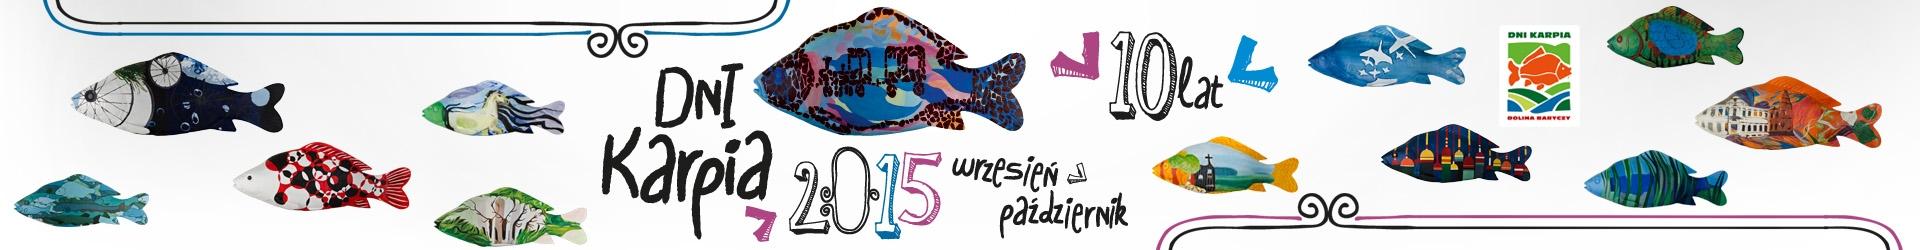 Dni Karpia 2015